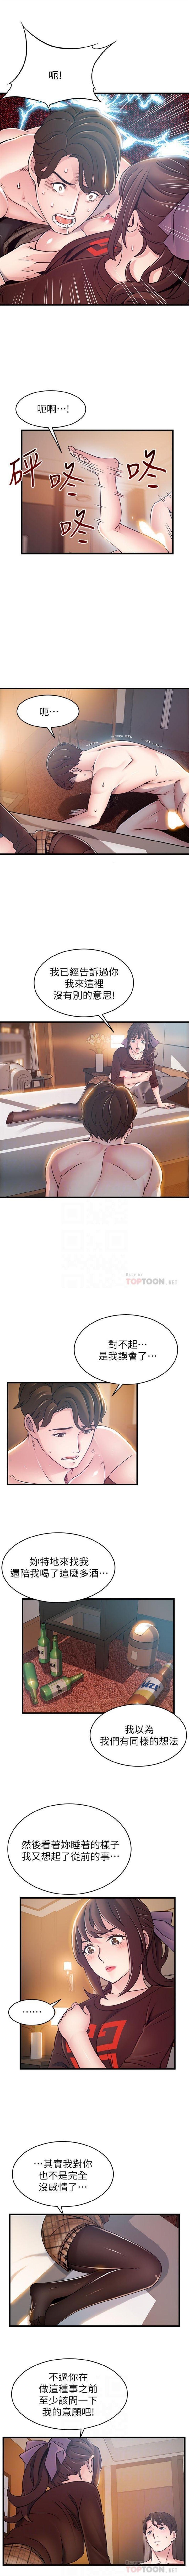 (週7)弱點 1-76 中文翻譯(更新中) 434